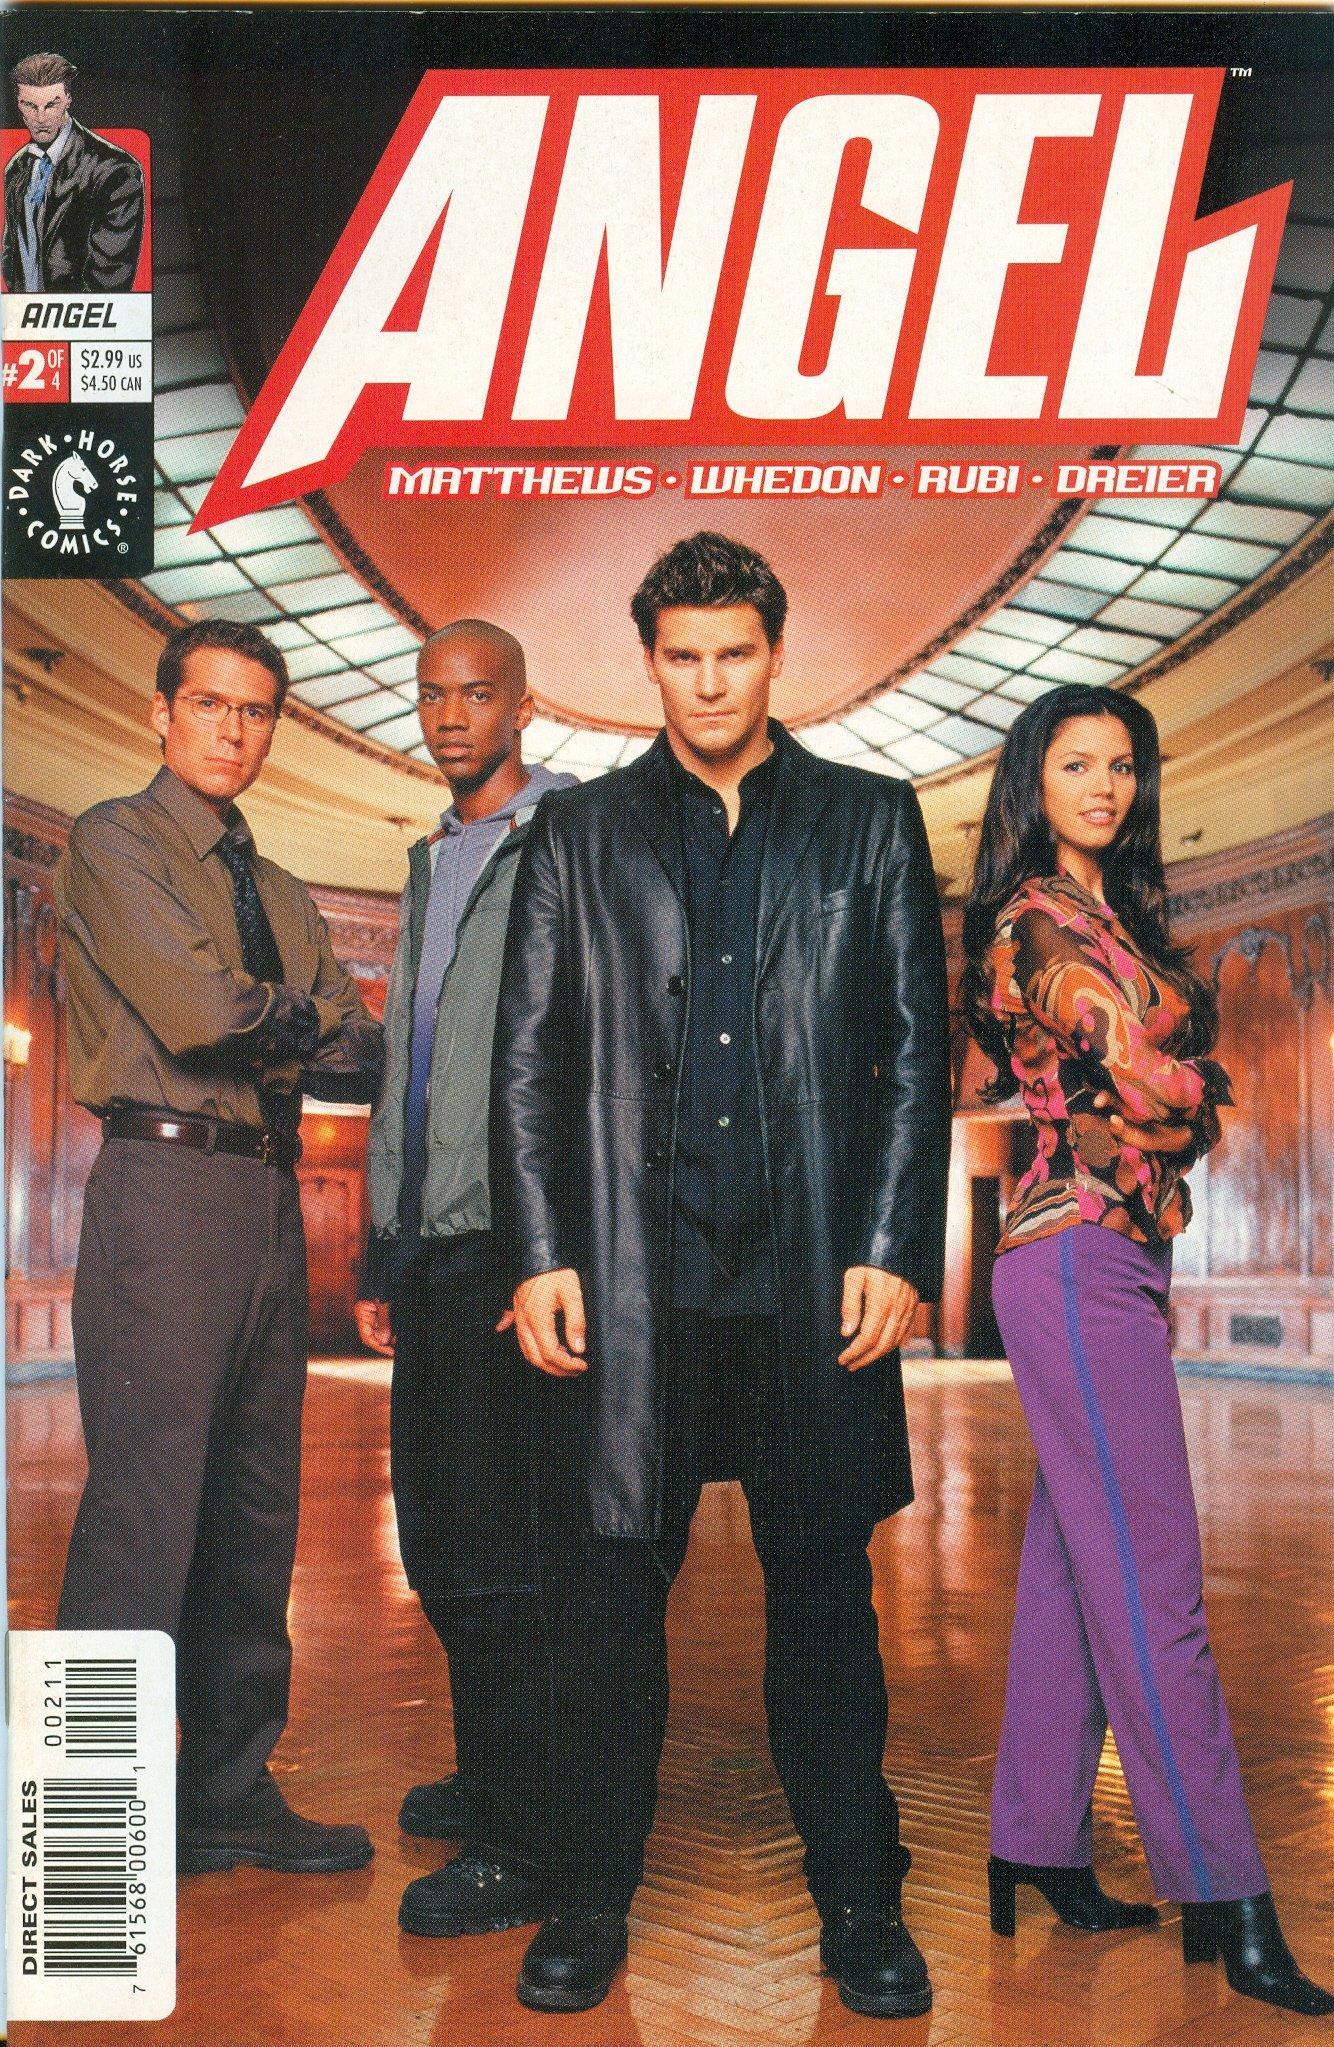 Angel #2 Photo Cover 2 of 4 pdf epub